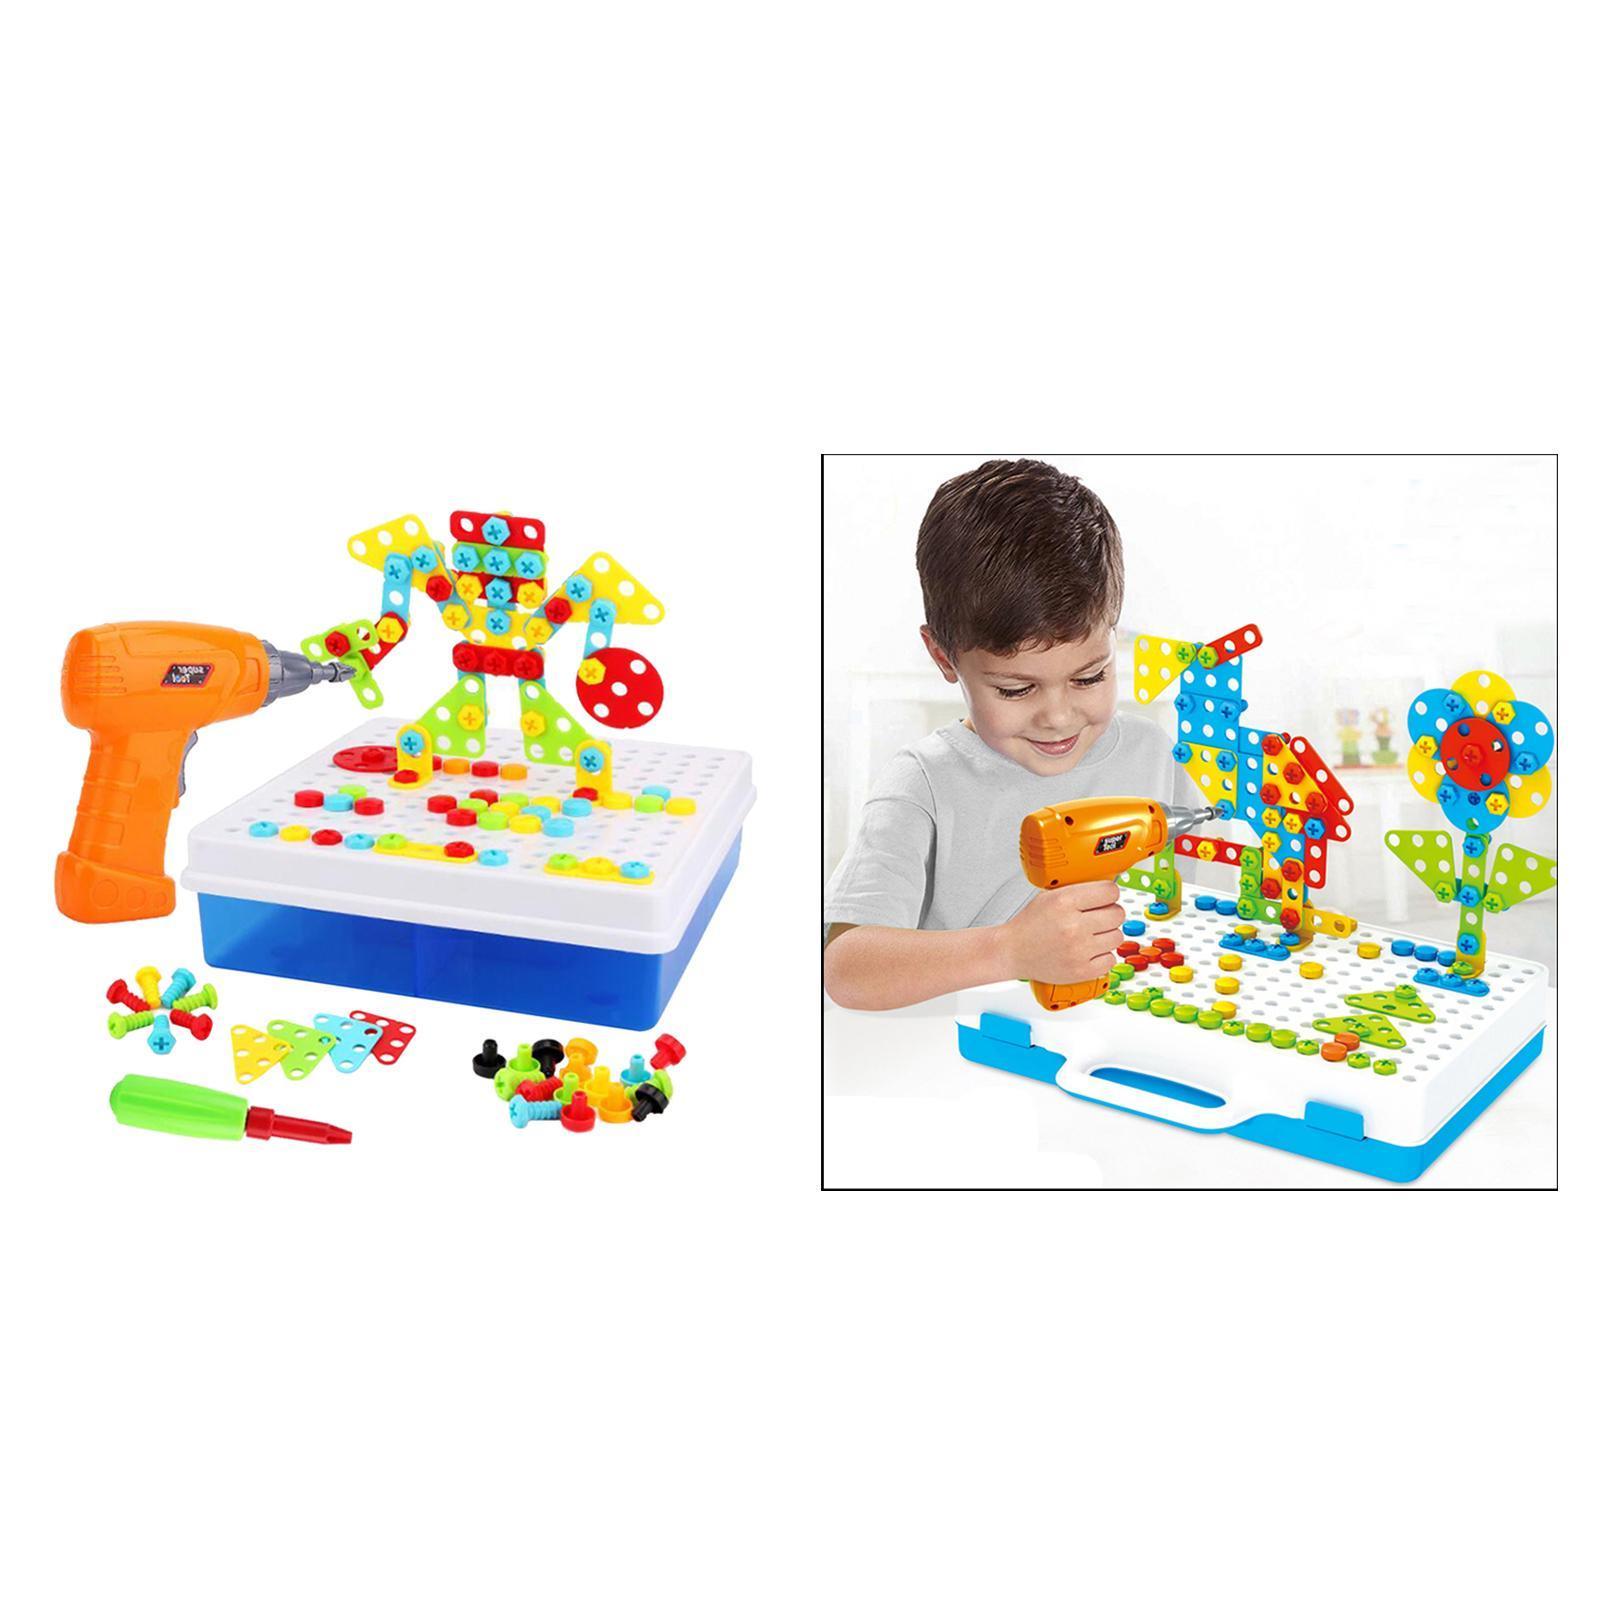 Creativo-Strumento-Educativo-Kit-FAI-DA-TE-Blocchi-di-Costruzione-Le-Capacita miniatura 15